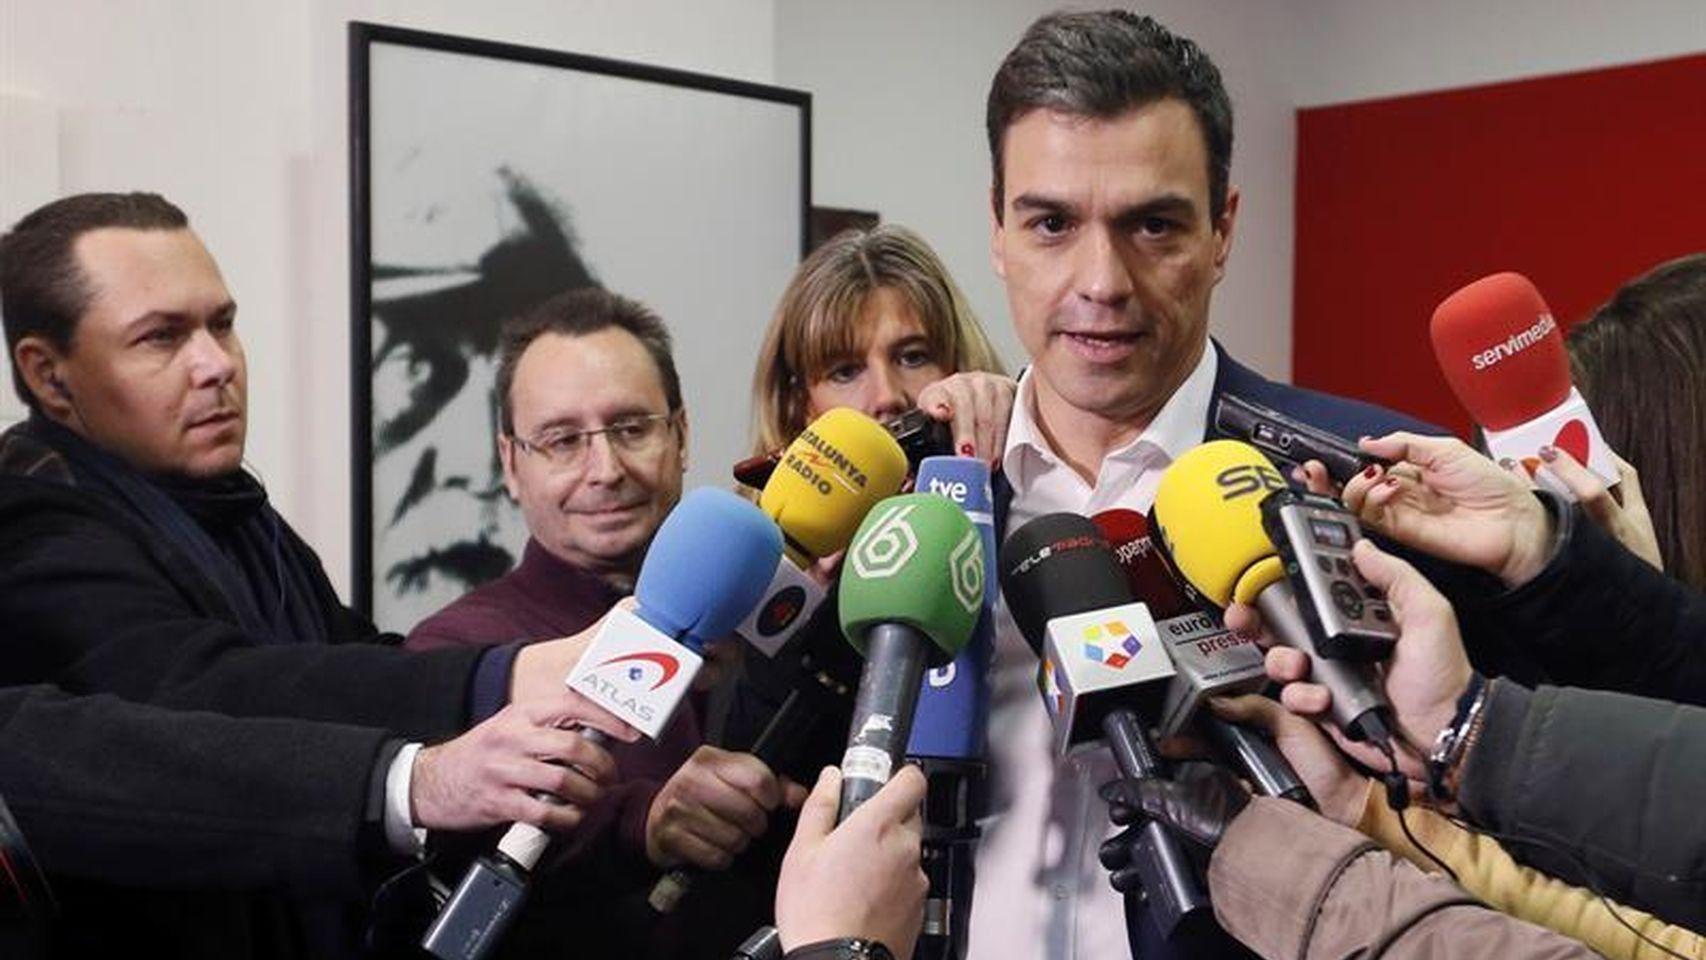 Pedro Sánchez atiende a los medios tras votar en su consulta a la militancia | Fernando Alvarado para Efe